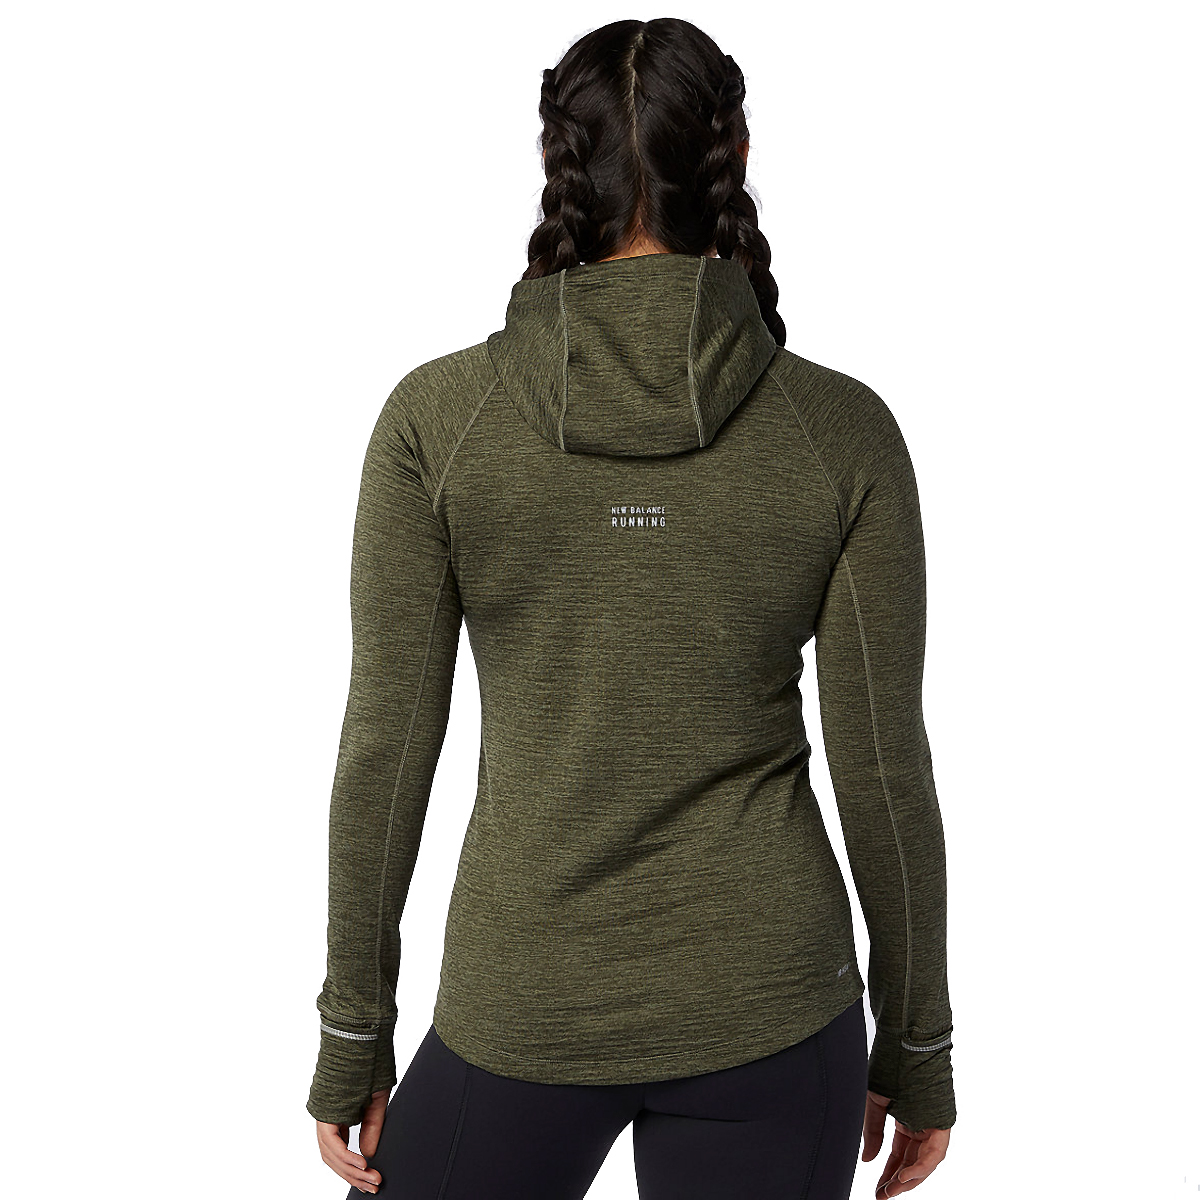 Women's New Balance Heat Grid Hoodie - Color: Oak Green - Size: XS, Oak Green, large, image 3